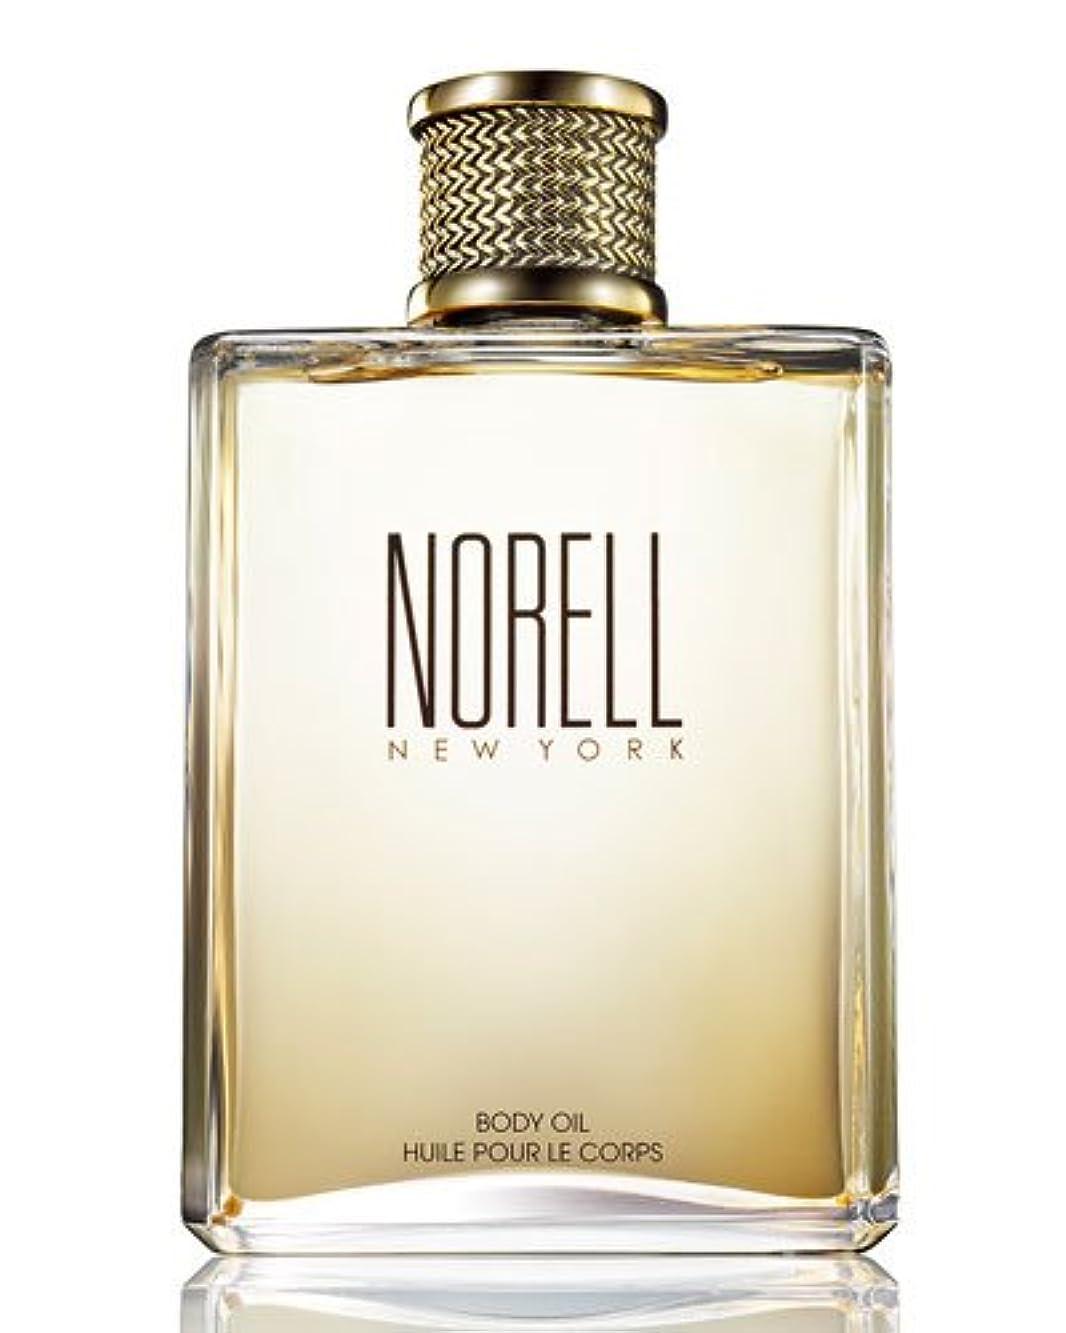 カストディアン突然光景Norell (ノレル) 8.0 oz (240ml) Body Oil by Norell New York